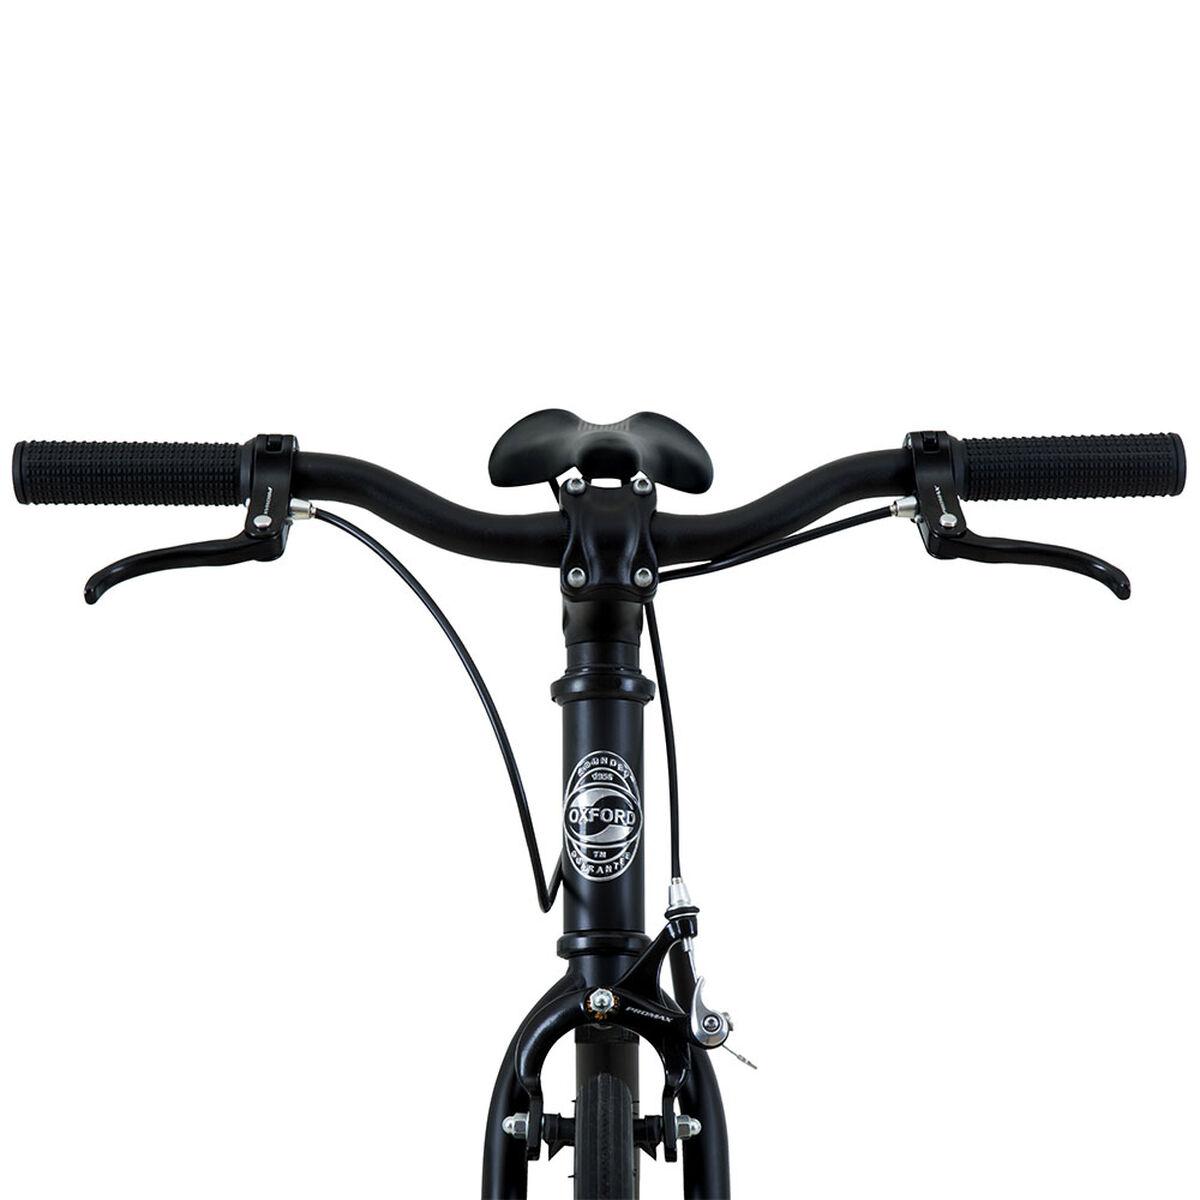 Bicicleta de Paseo Oxford Cityfixer Aro 28